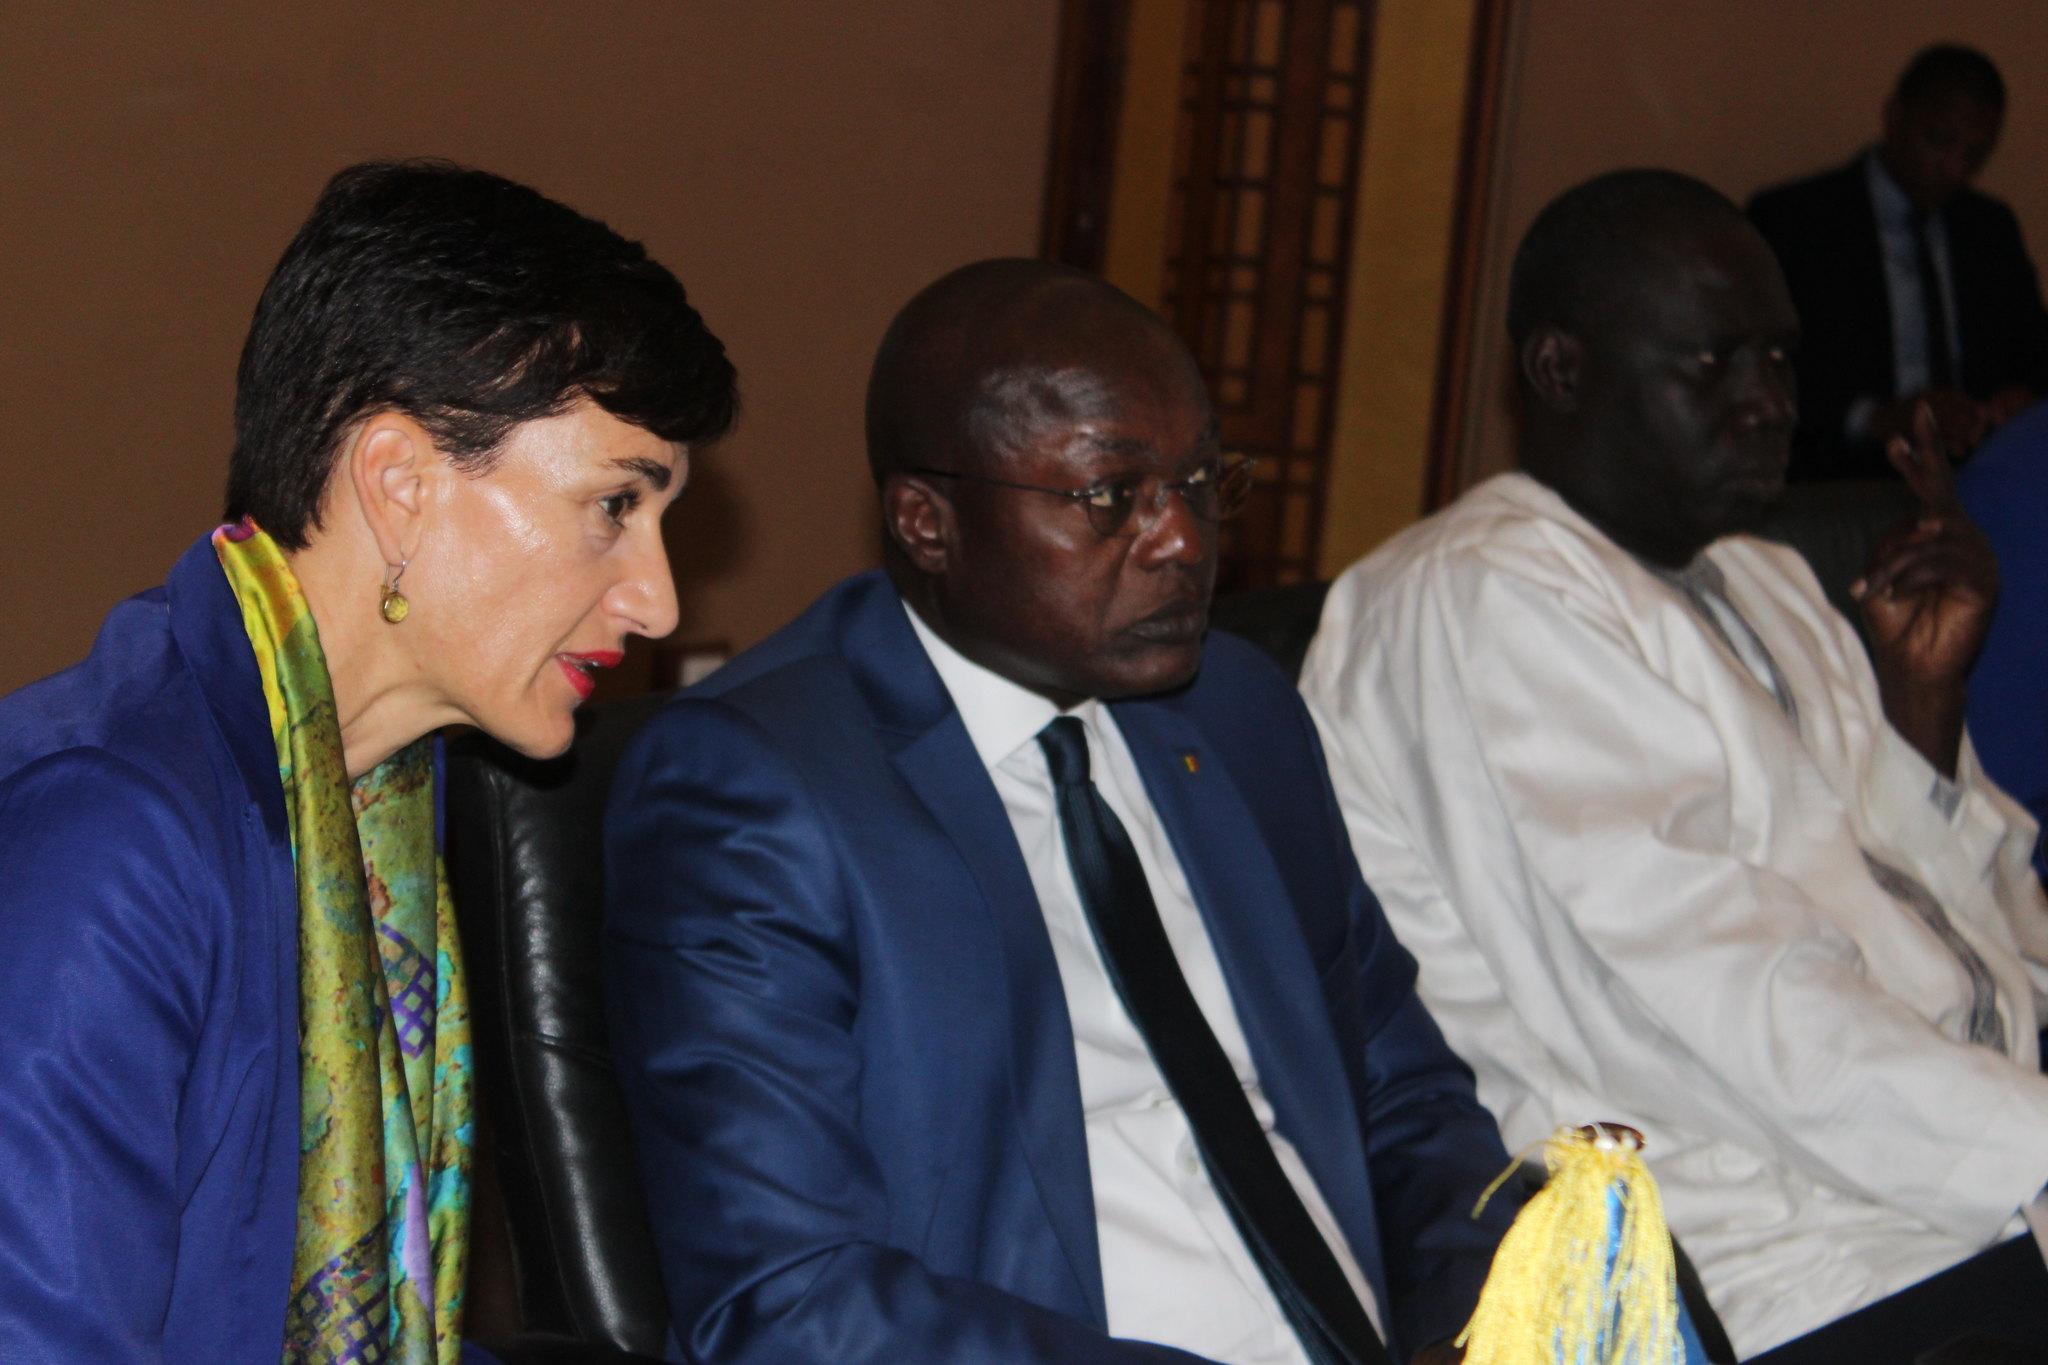 Programme Direction Etat Civil, Modernisation de l'Etat Civil au Sénégal, Aliou Ousmane Sall Directeur de l'Etat Civil Sénégal (15)